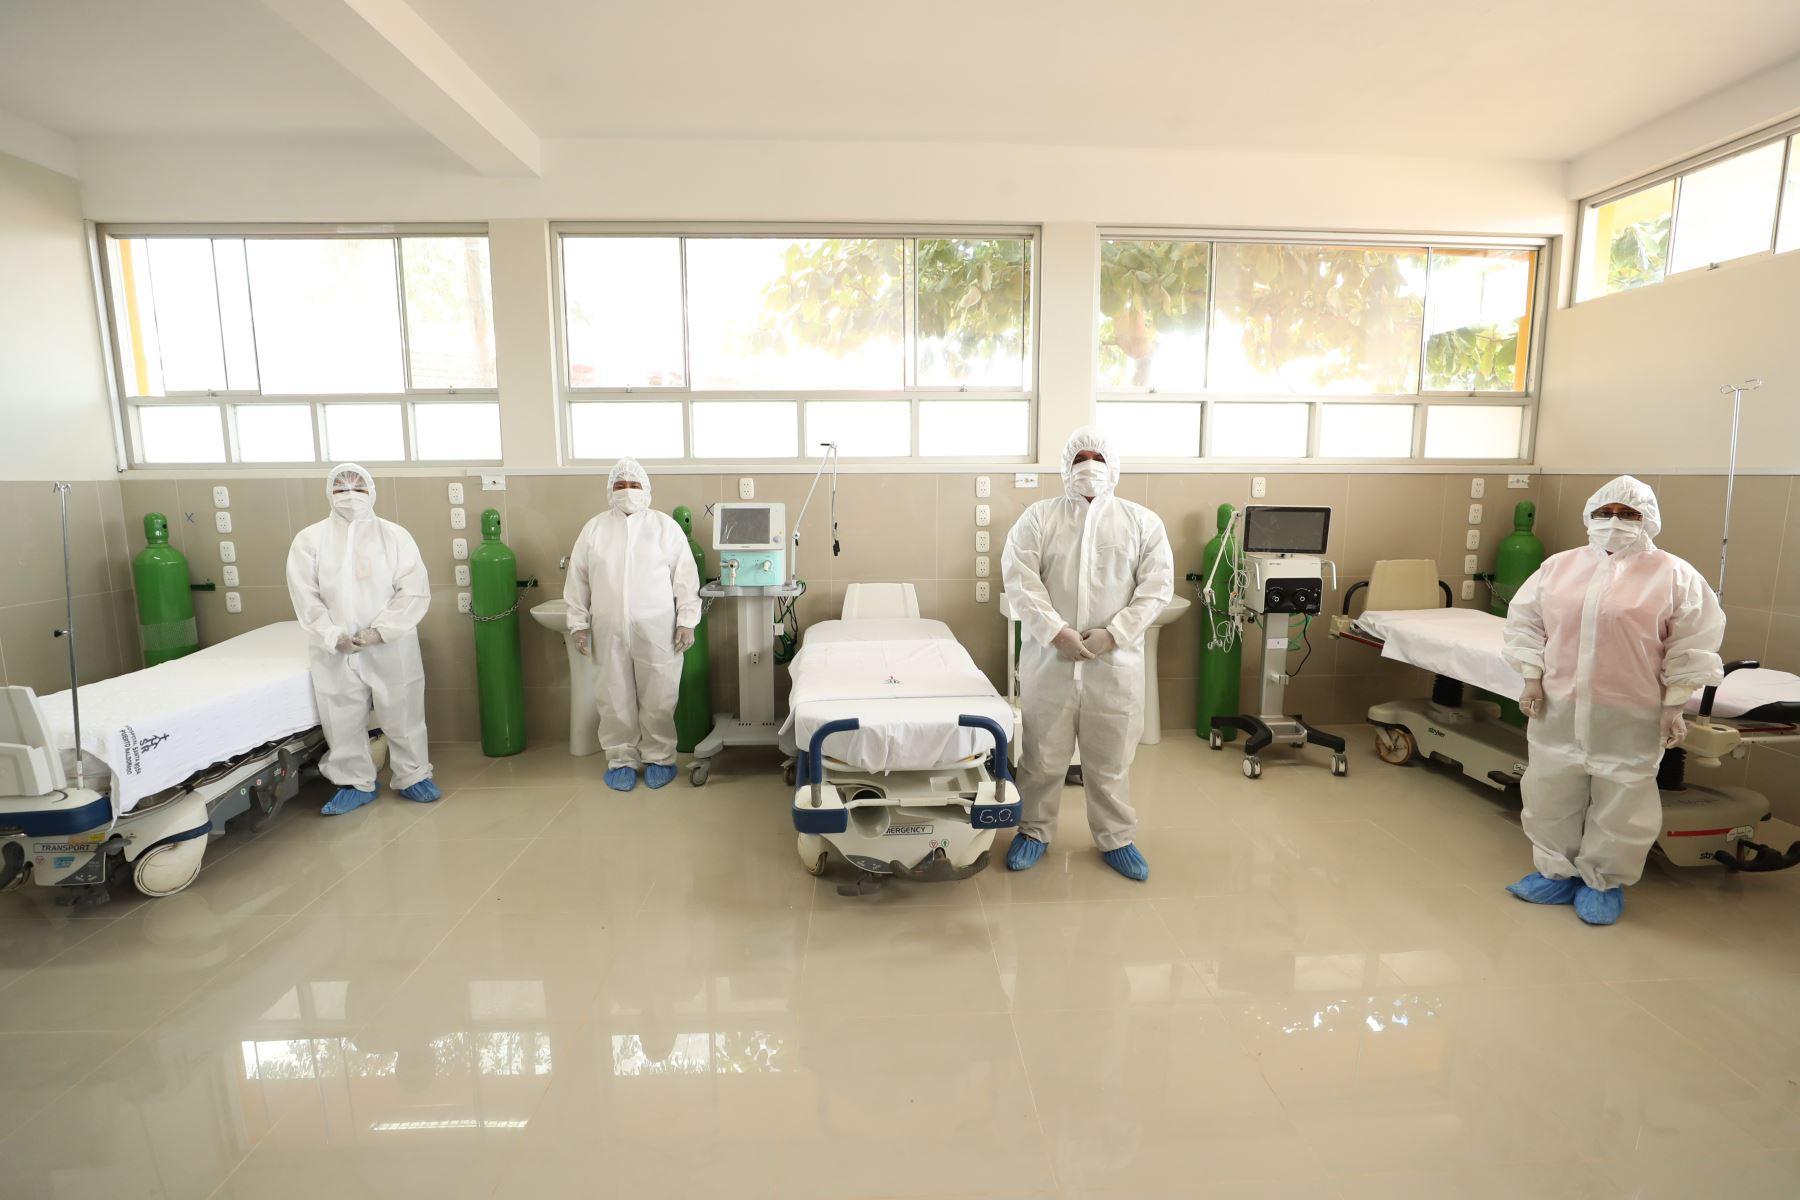 El premier Vicente Zeballos, supervisó los nuevos ambientes del hospital Santa Rosa de Puerto Maldonado y entregó respiradores, ventiladores y 5000 pruebas rápidas e insumos médicos para reforzar el trabajo del personal de salud contra el covid-19. Foto:ANDINA/PCM.